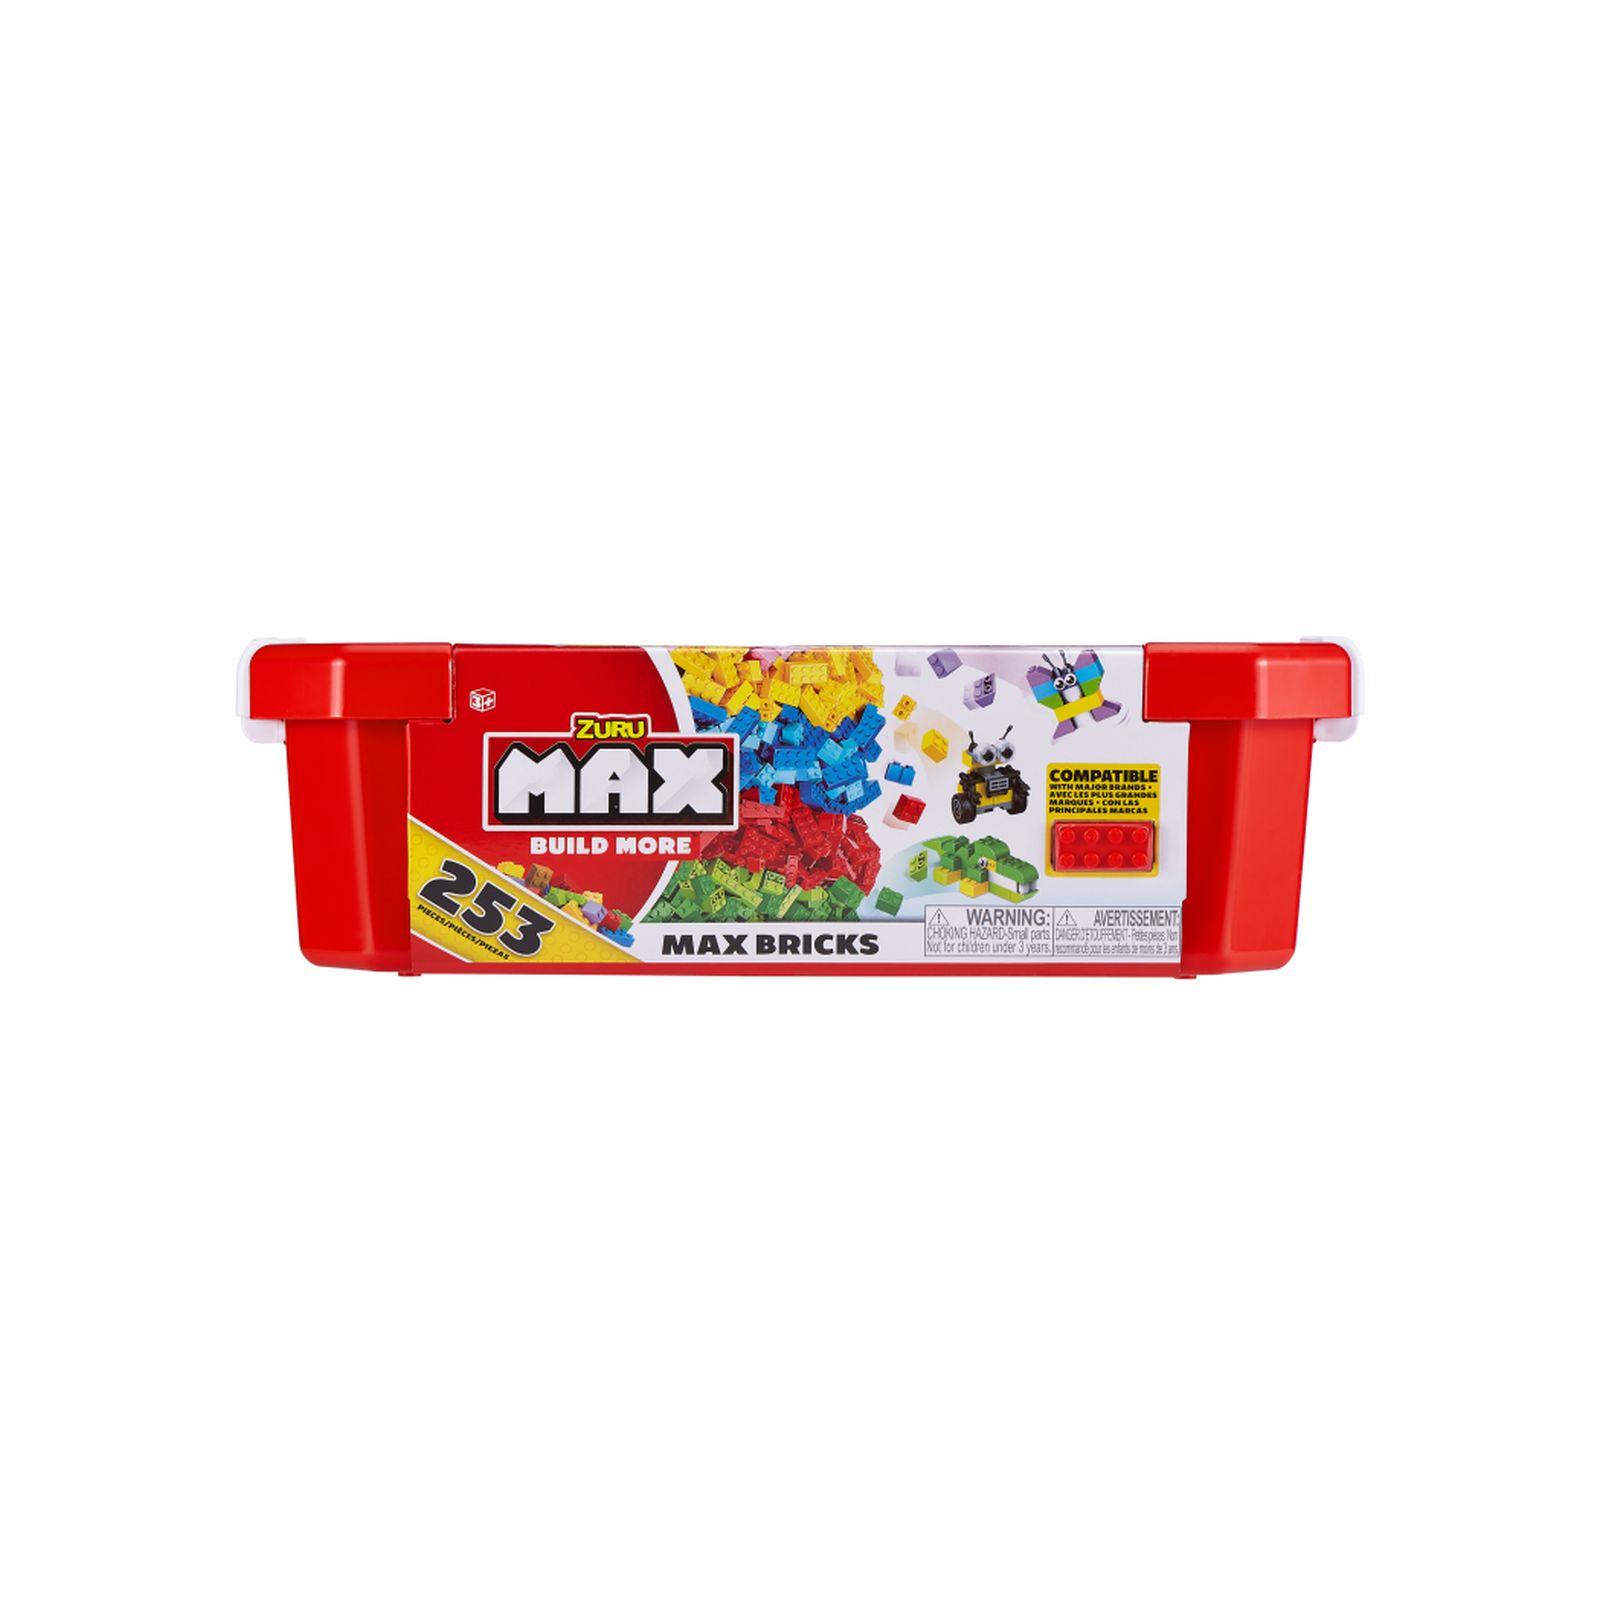 Max build costruzioni 253pcs -